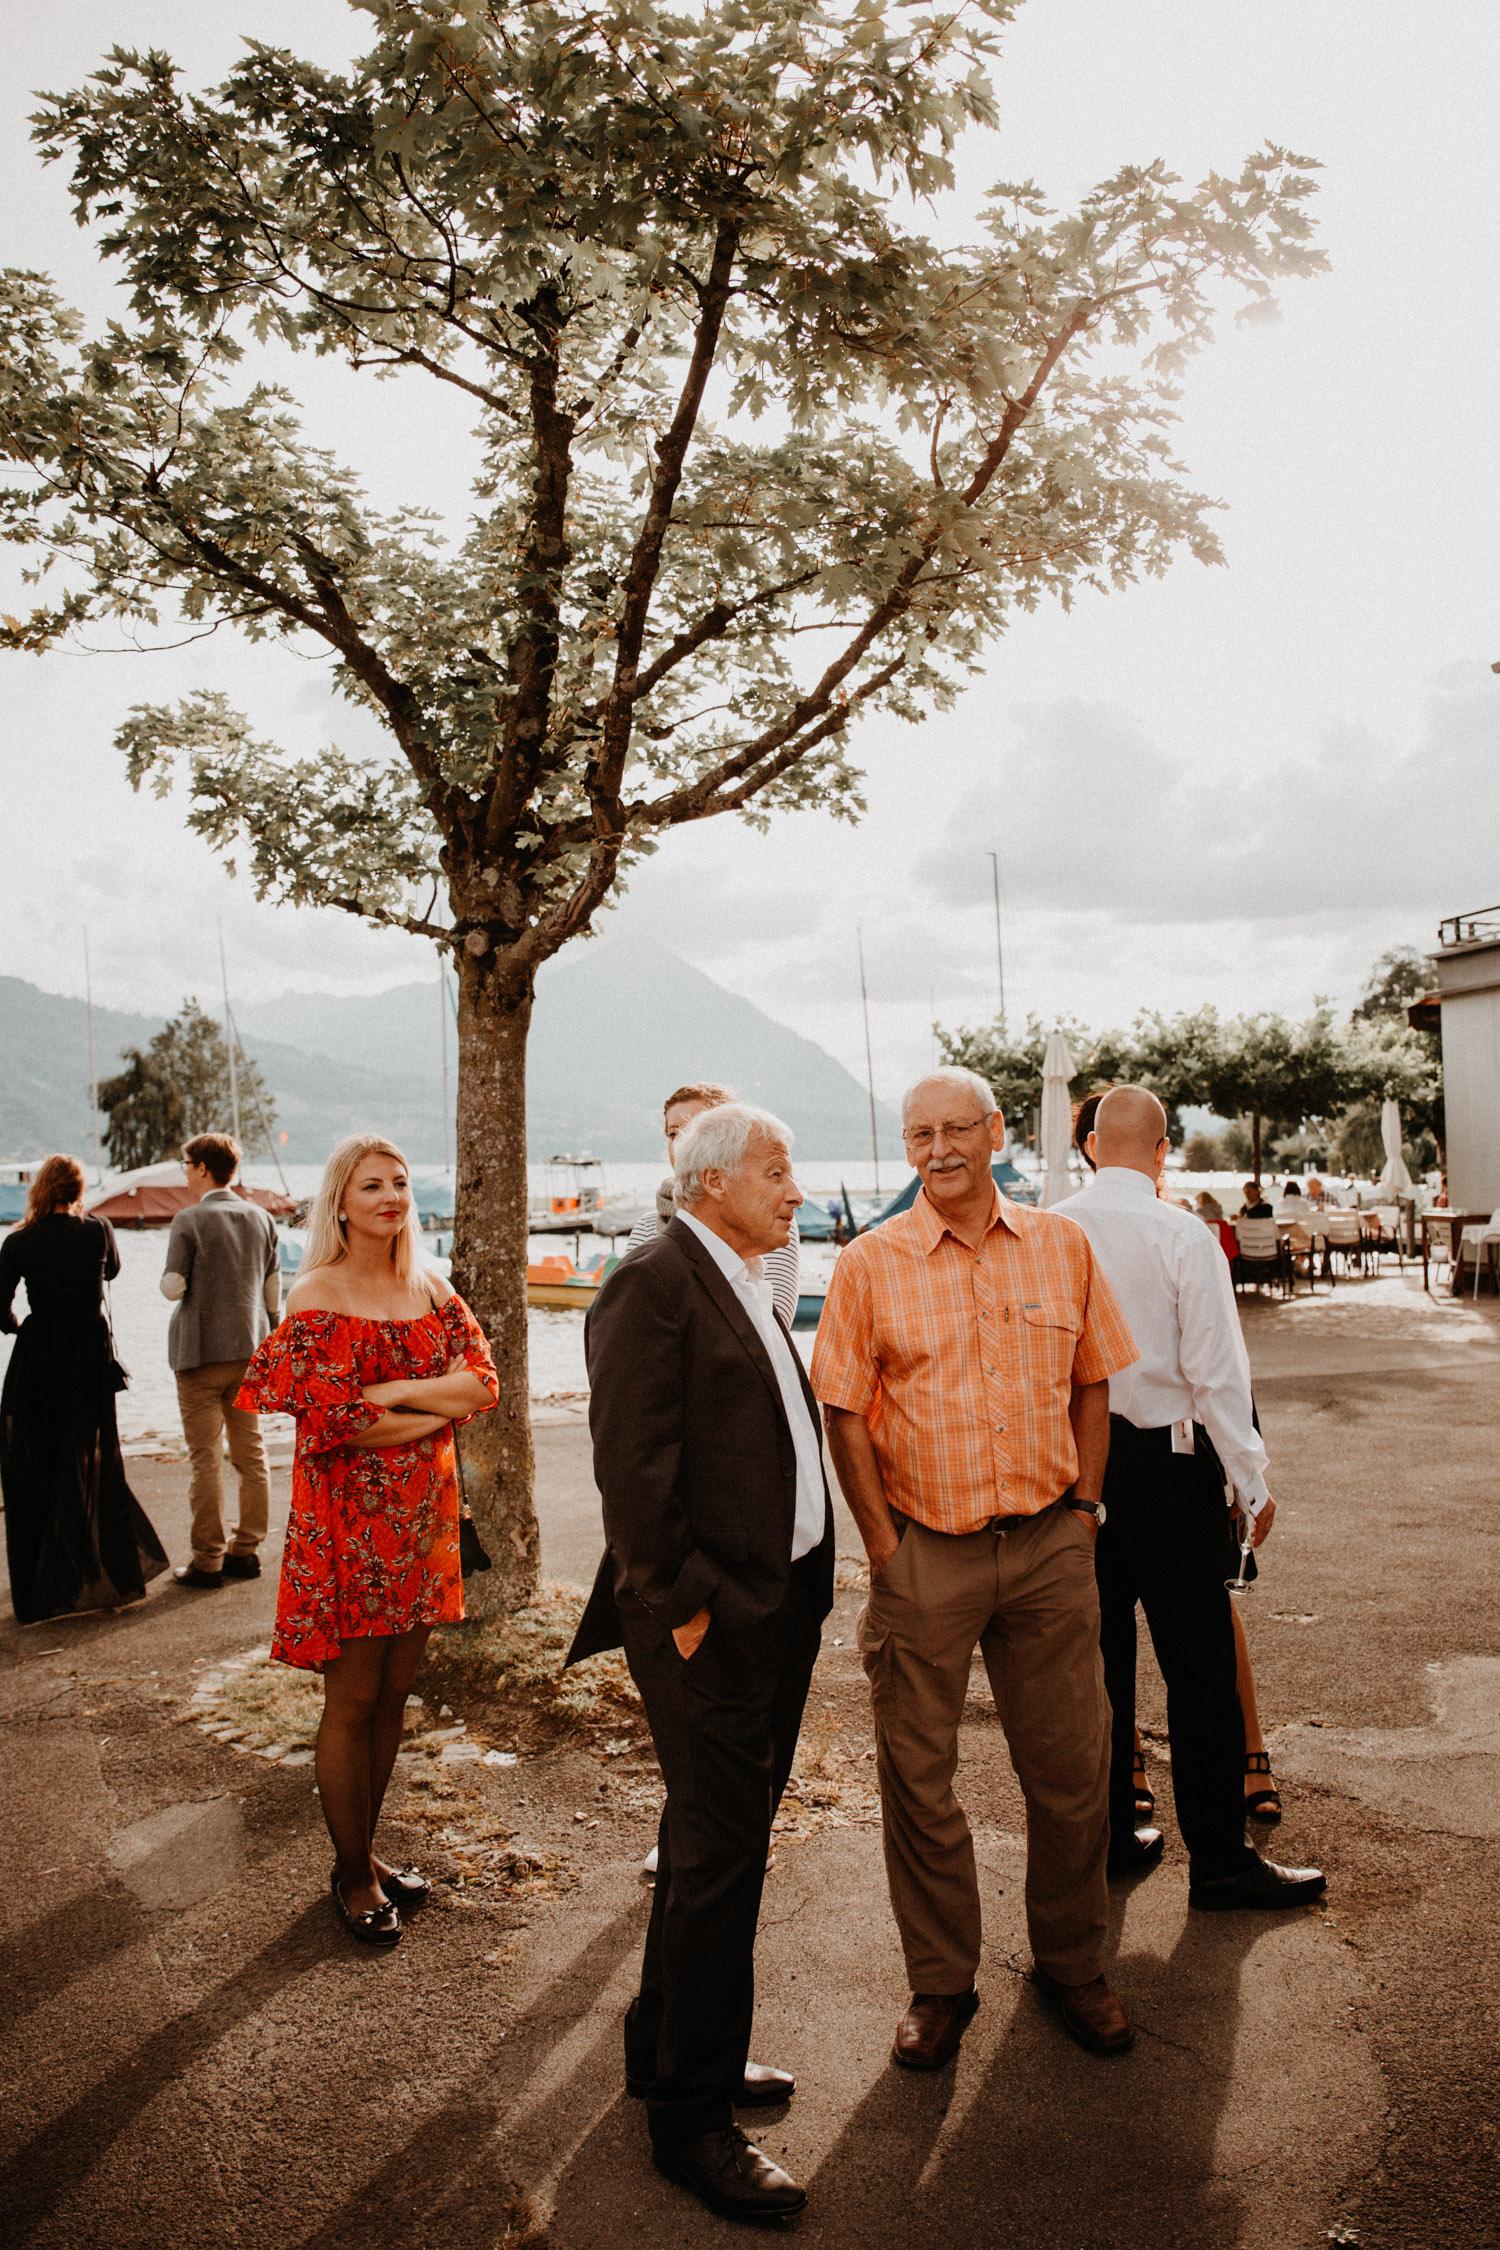 Hochzeitsfotografin Bern Schweiz Interlaken Apéro Hochzeitsgäste Hotel Neuhaus Unterseen